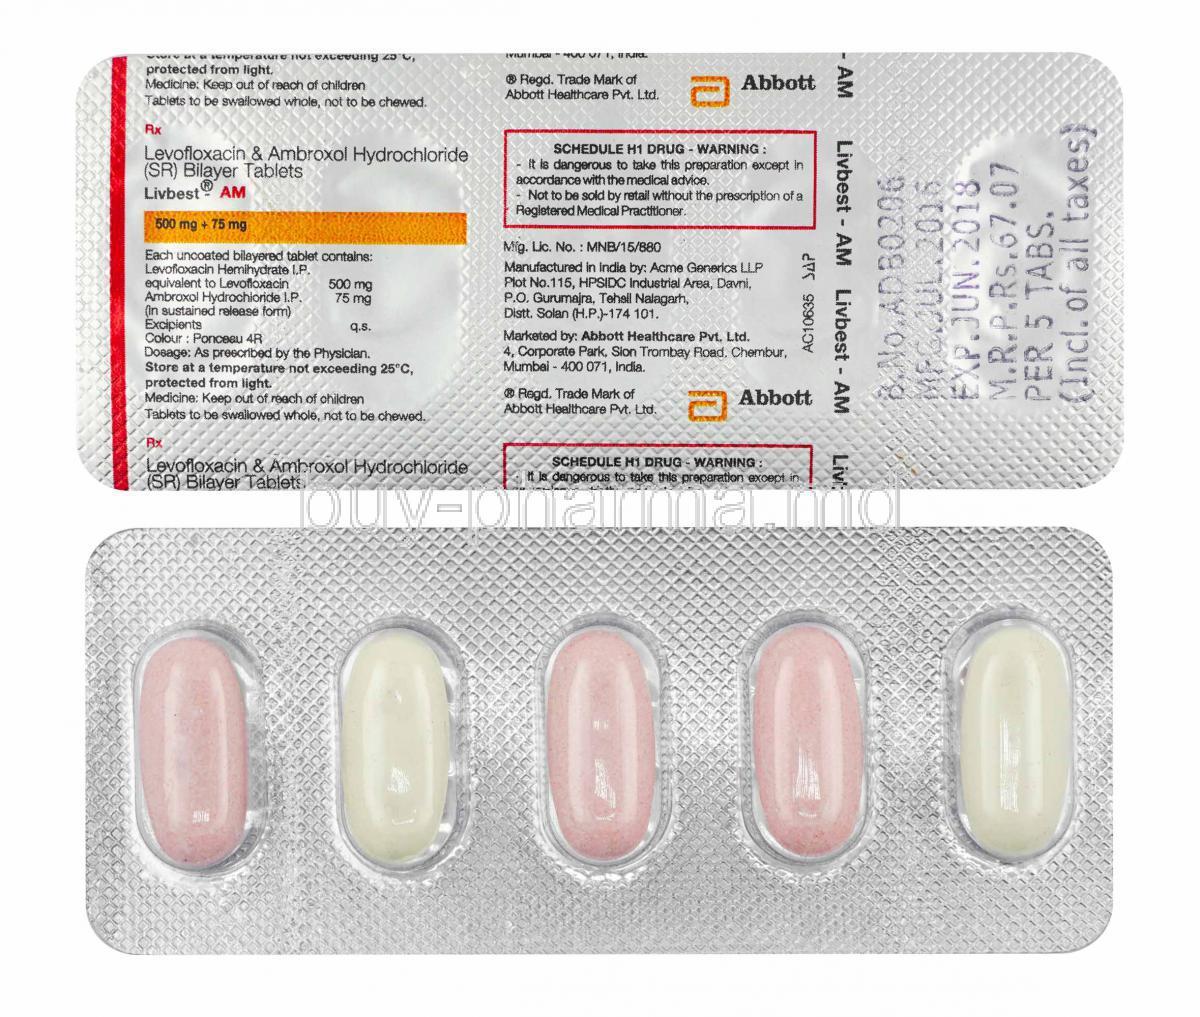 購買左氧氟沙星/氨溴索 片 ( Livbest Am (levofloxacin/ Ambroxol) ) Online